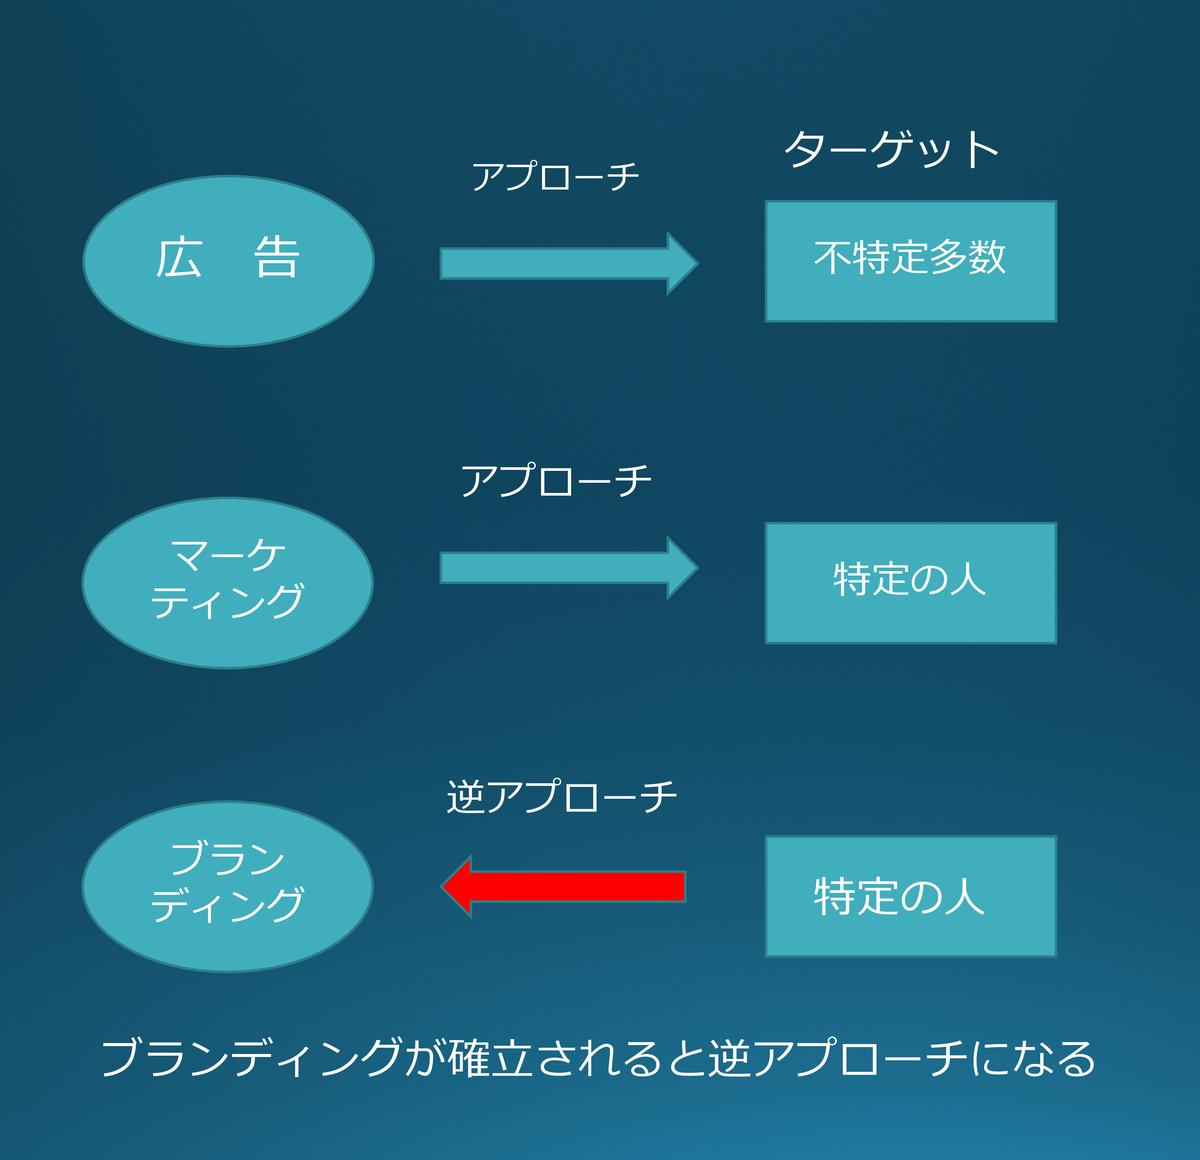 f:id:lidix:20200524113558p:plain